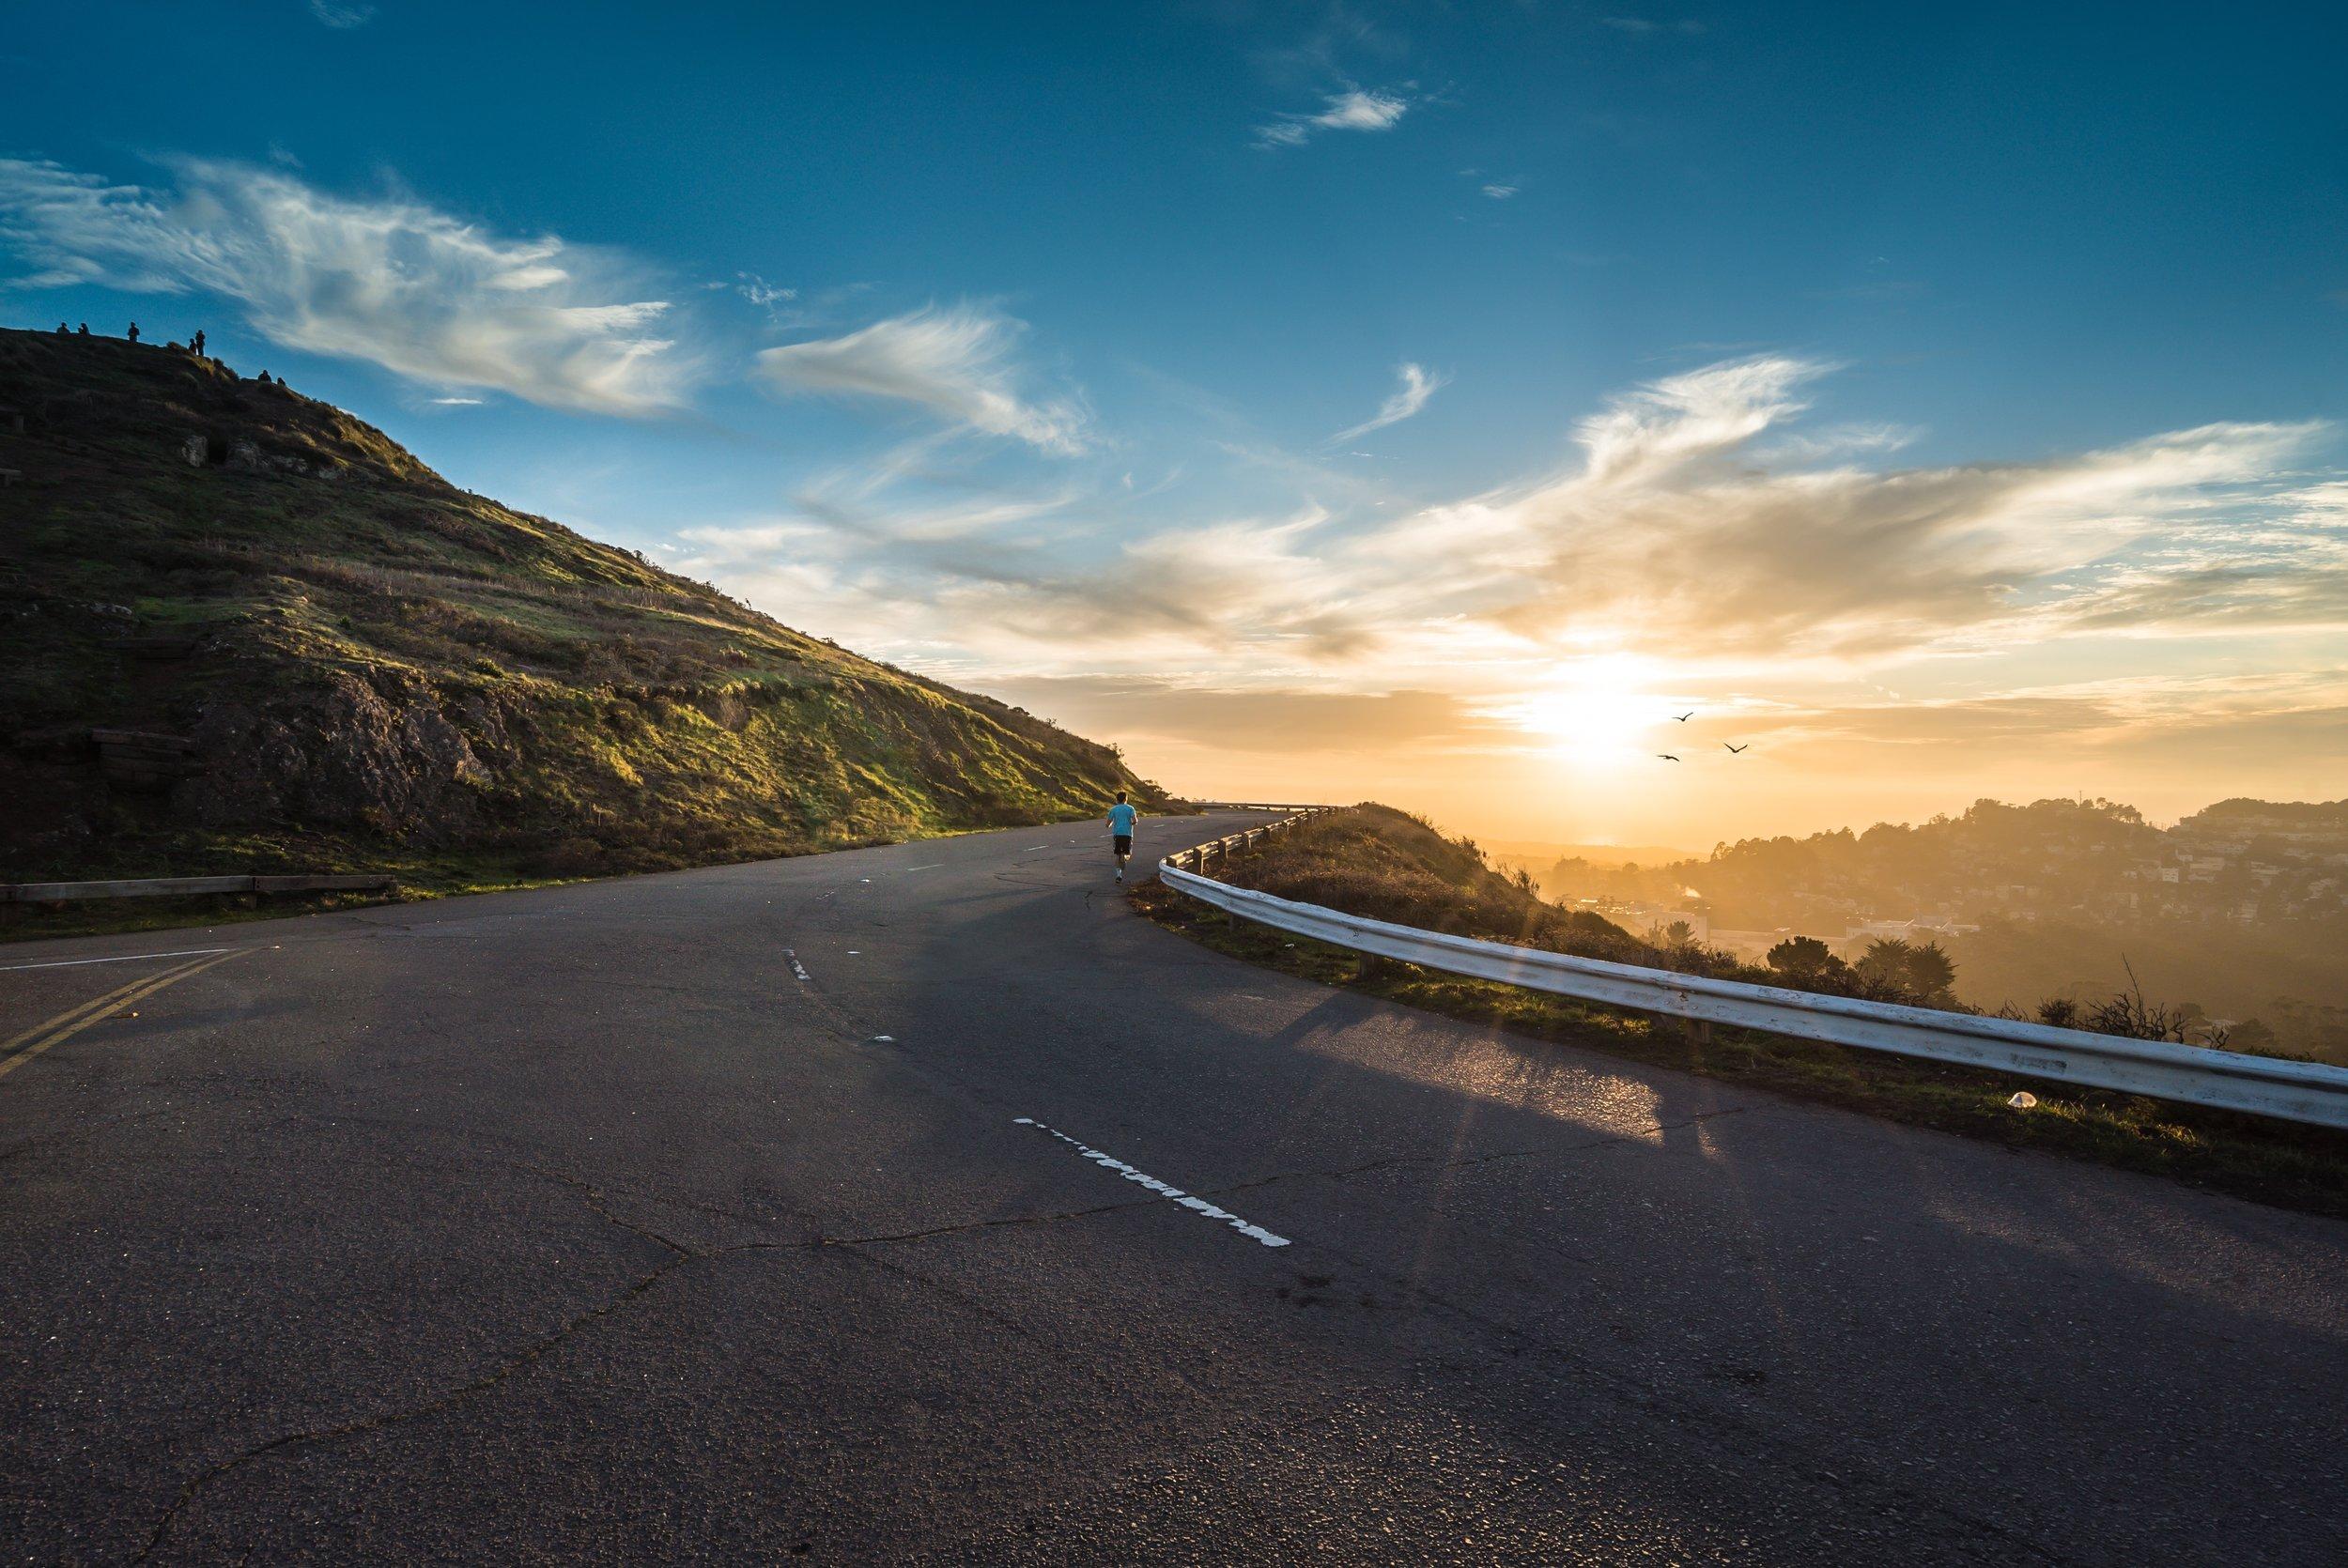 road-dawn-mountains-sky.jpg